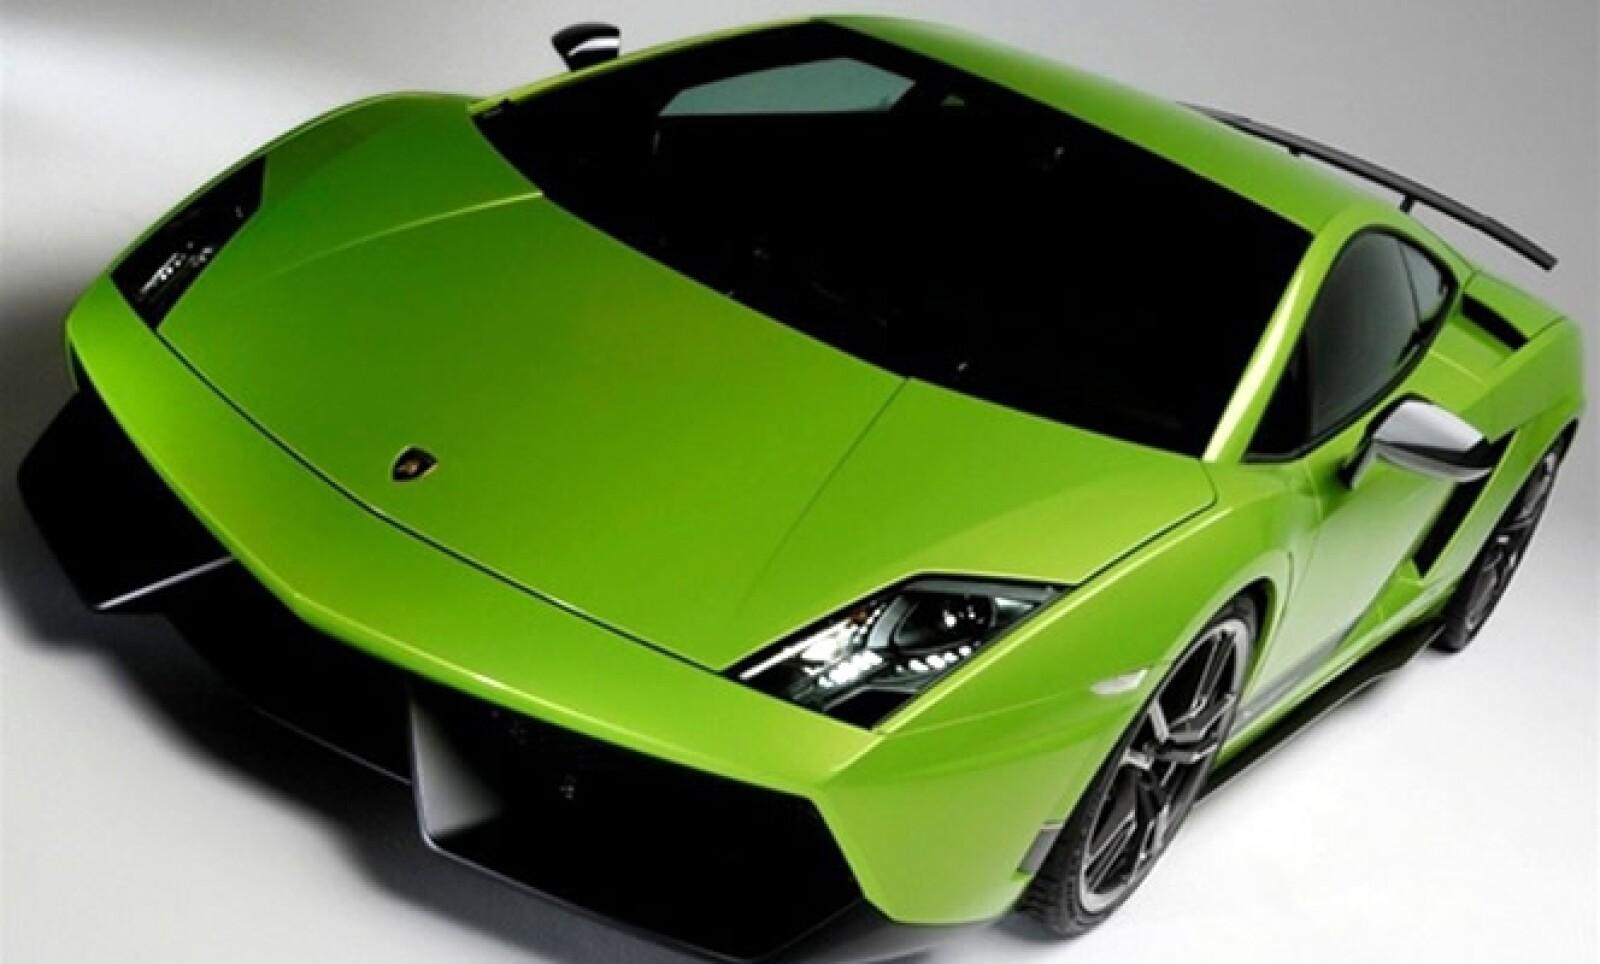 Incorpora una potencia de 570 caballos, tracción total en una carrocería aligerada a base de piezas de ligera fibra compuesta y puede acelerar de 0 a 60 millas en sólo 3,4 segundos.